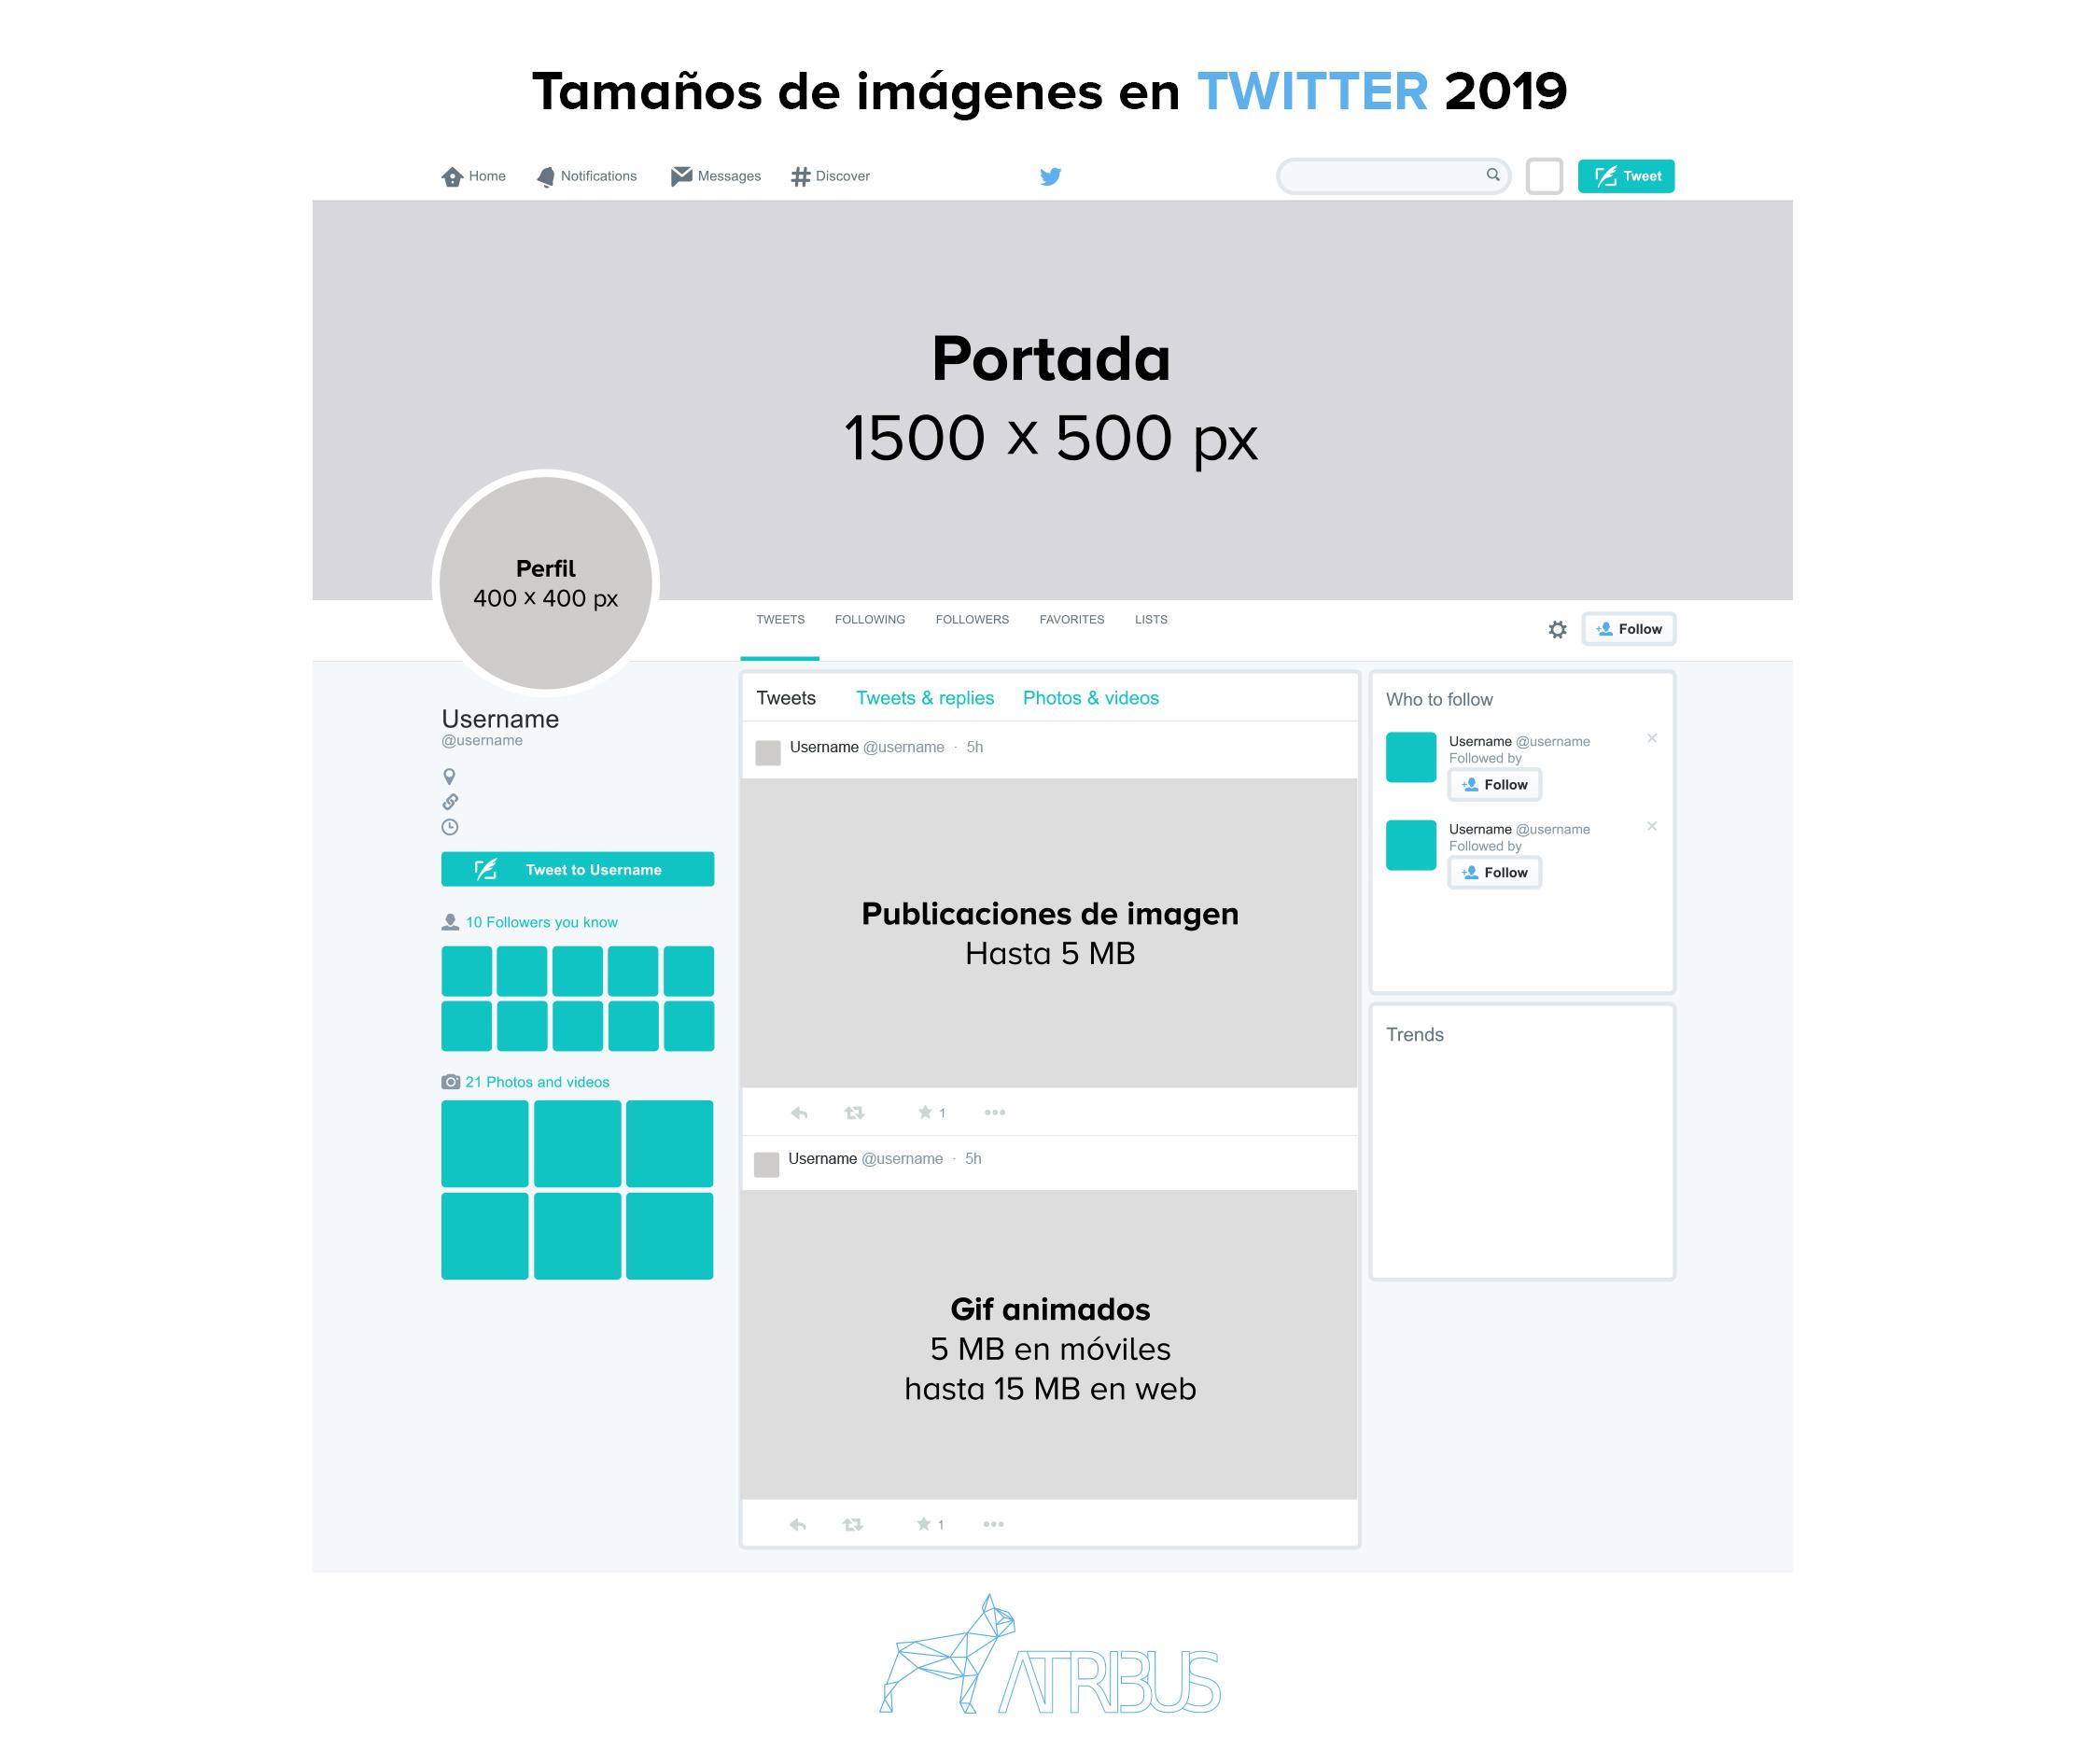 Guía Tamaño de Imágenes en Twitter 2019